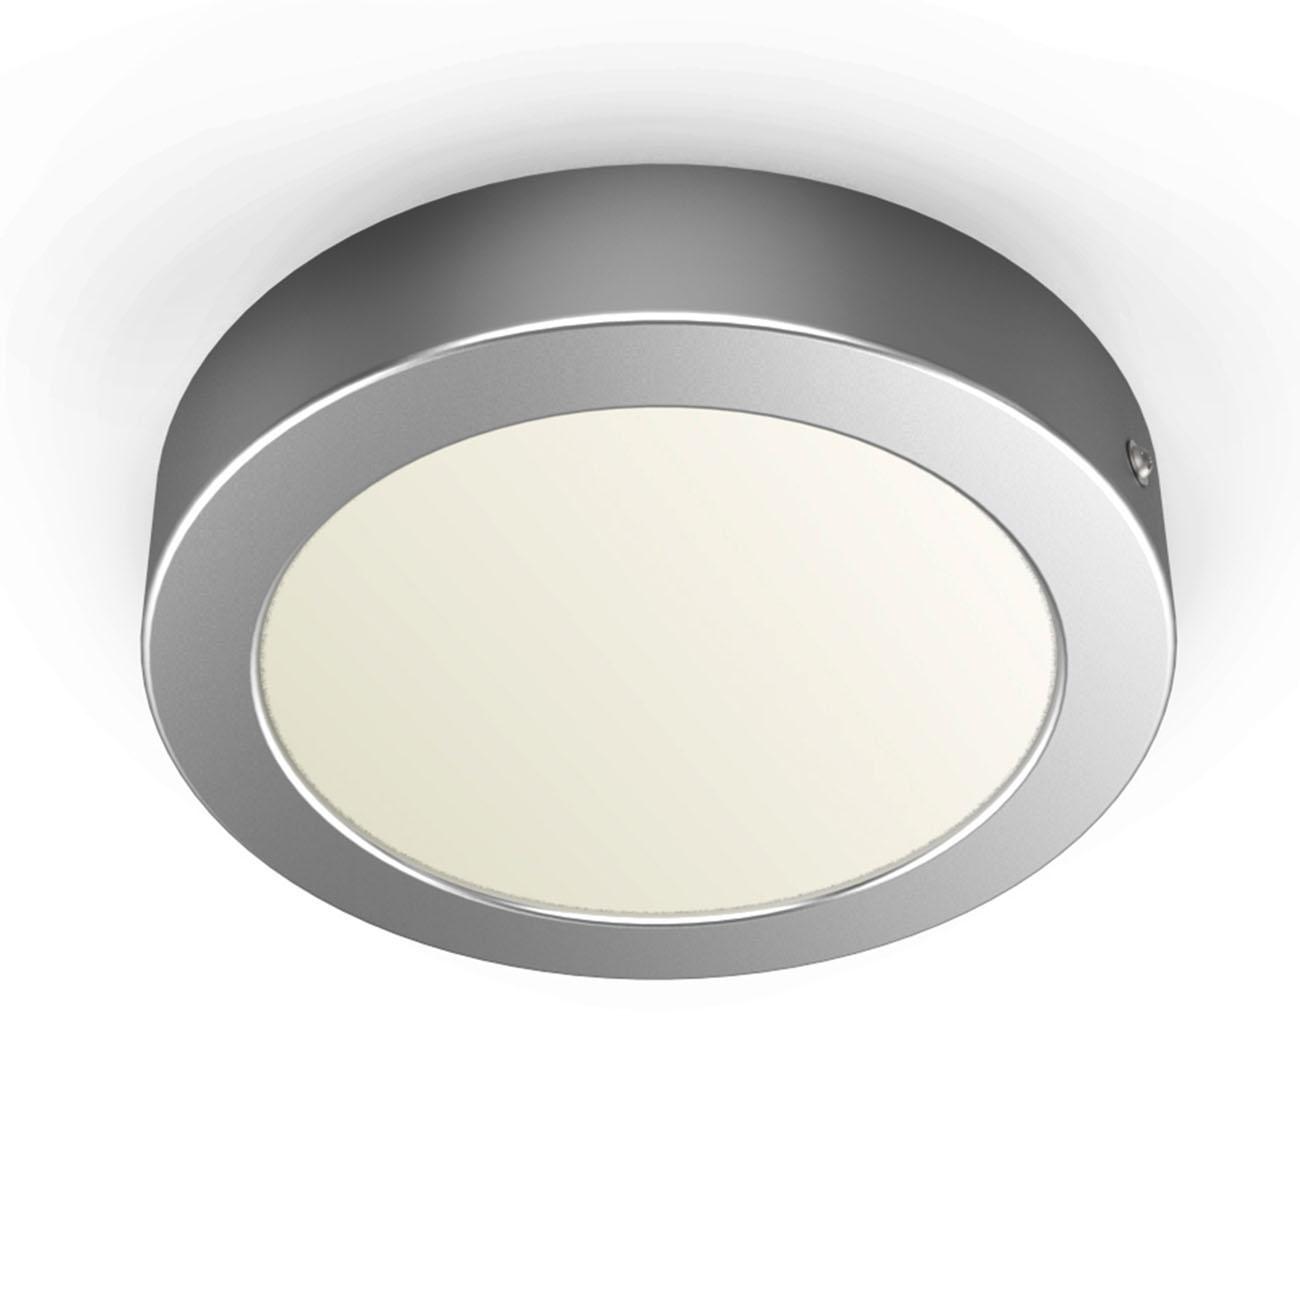 LED Aufbauleuchte Aufputzstrahler rund grau - 1